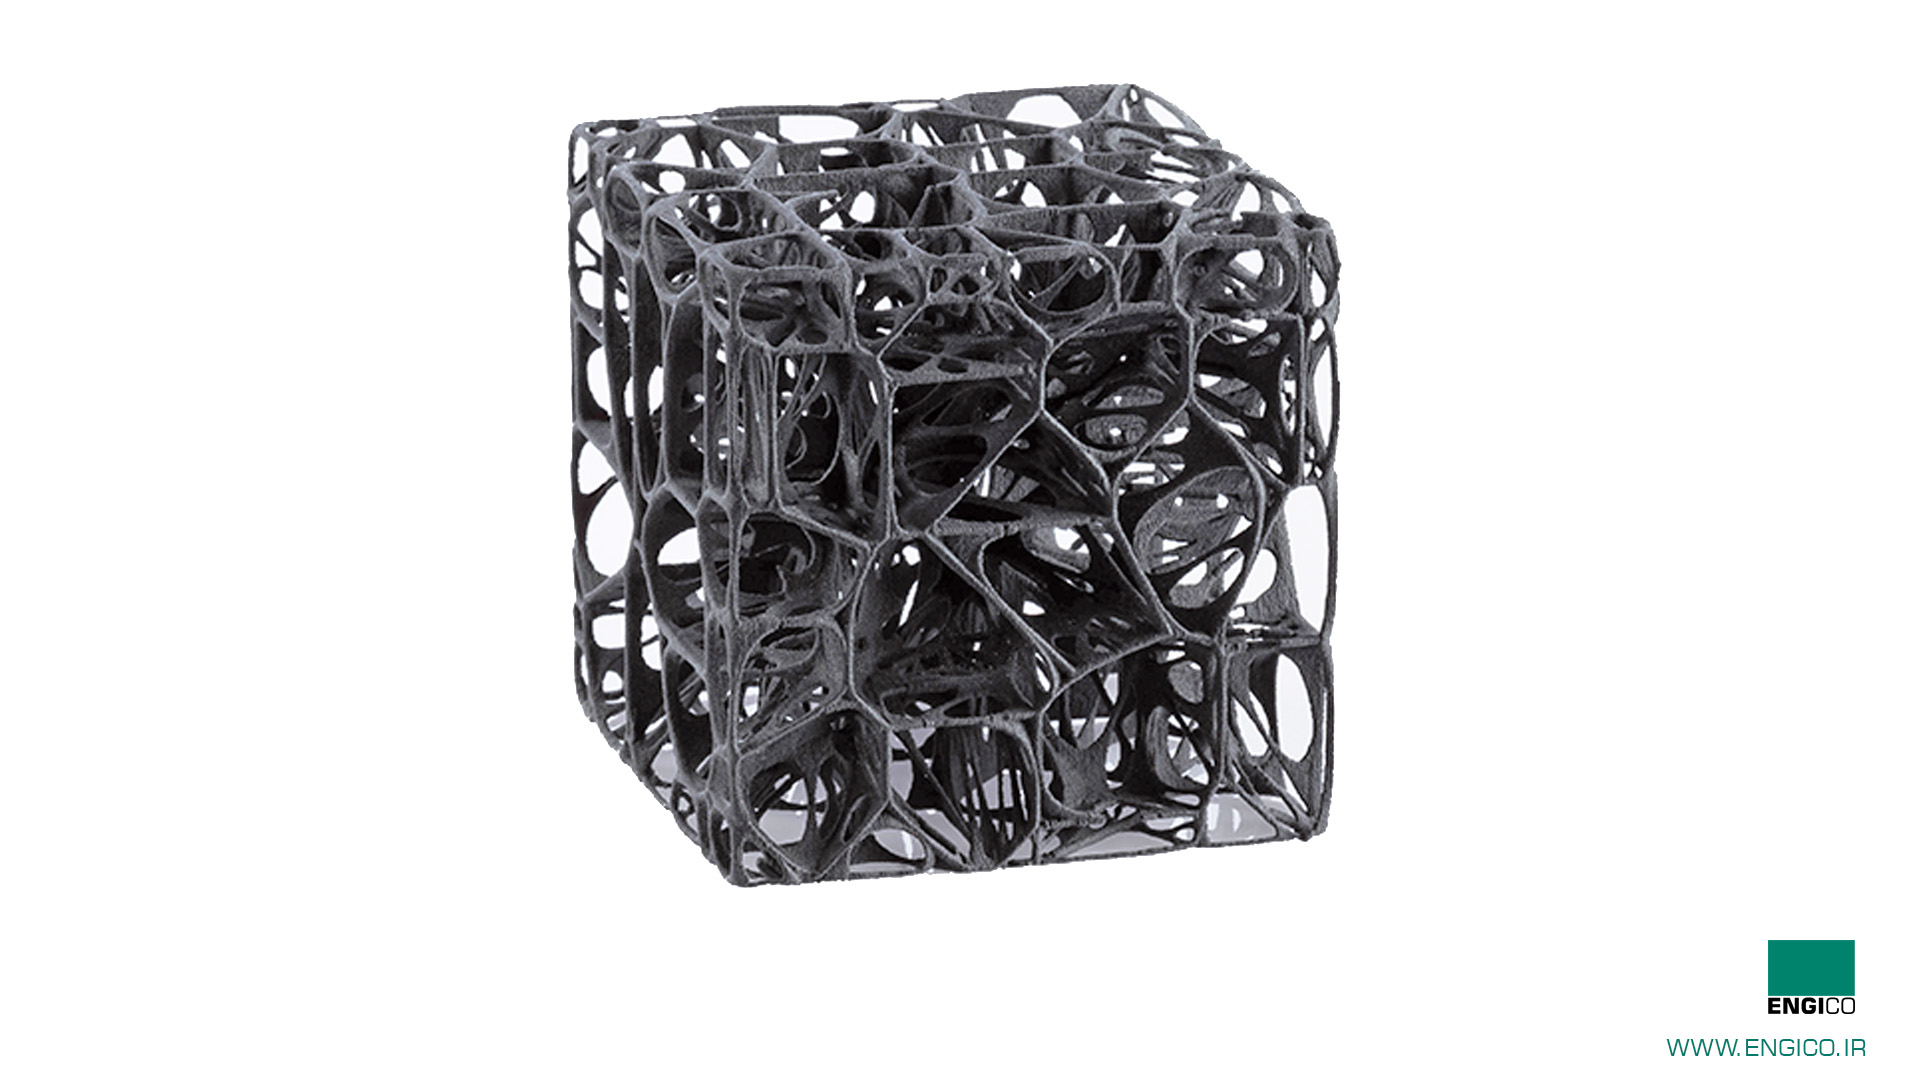 مکعب پیچیده پرینت شده با پرینتر سه بعدی sls